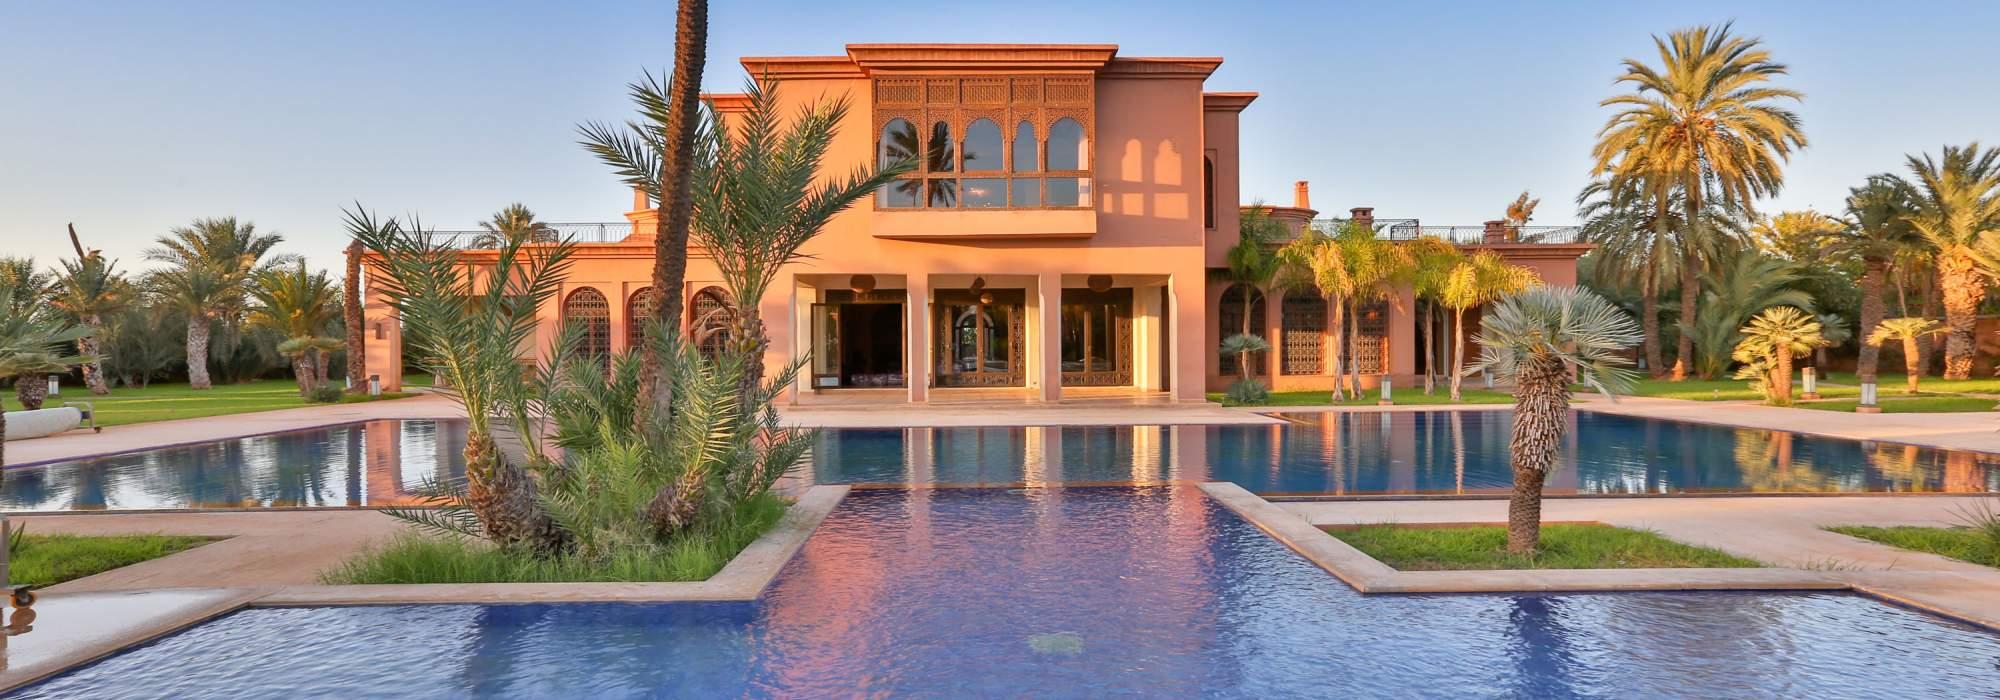 demeure de prestige marocaine palmeraie